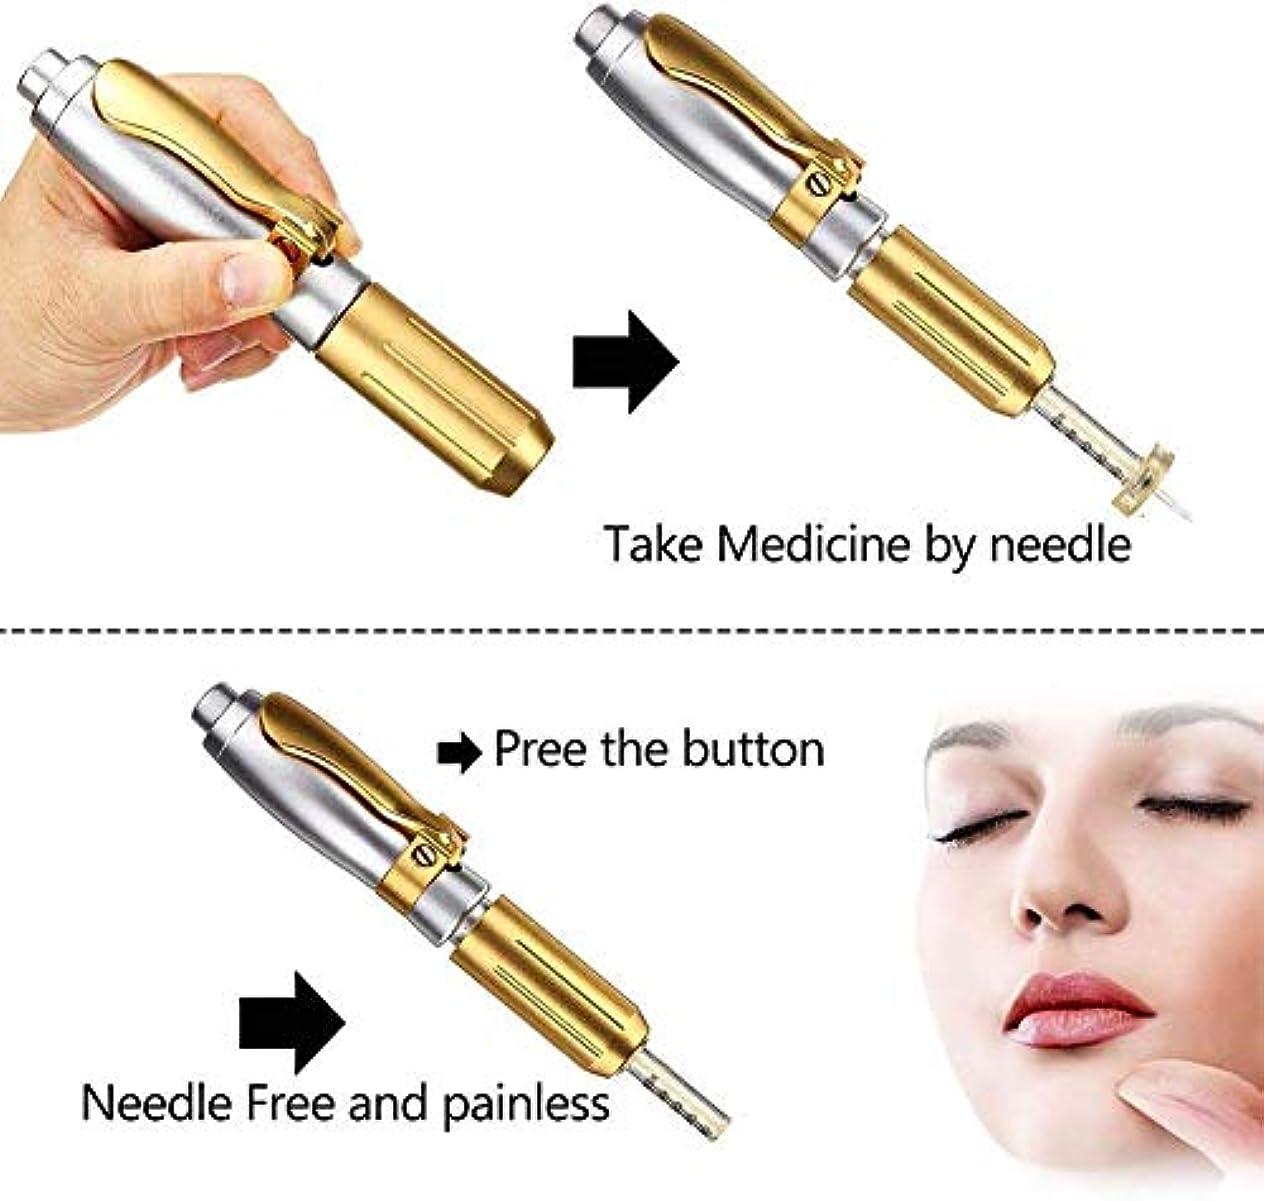 実行する韻習熟度ヒアルロンペンスキンケアマシン針なしのヒアルロン注射ペンしわの除去水インジェクターアトマイザー肌の若返り